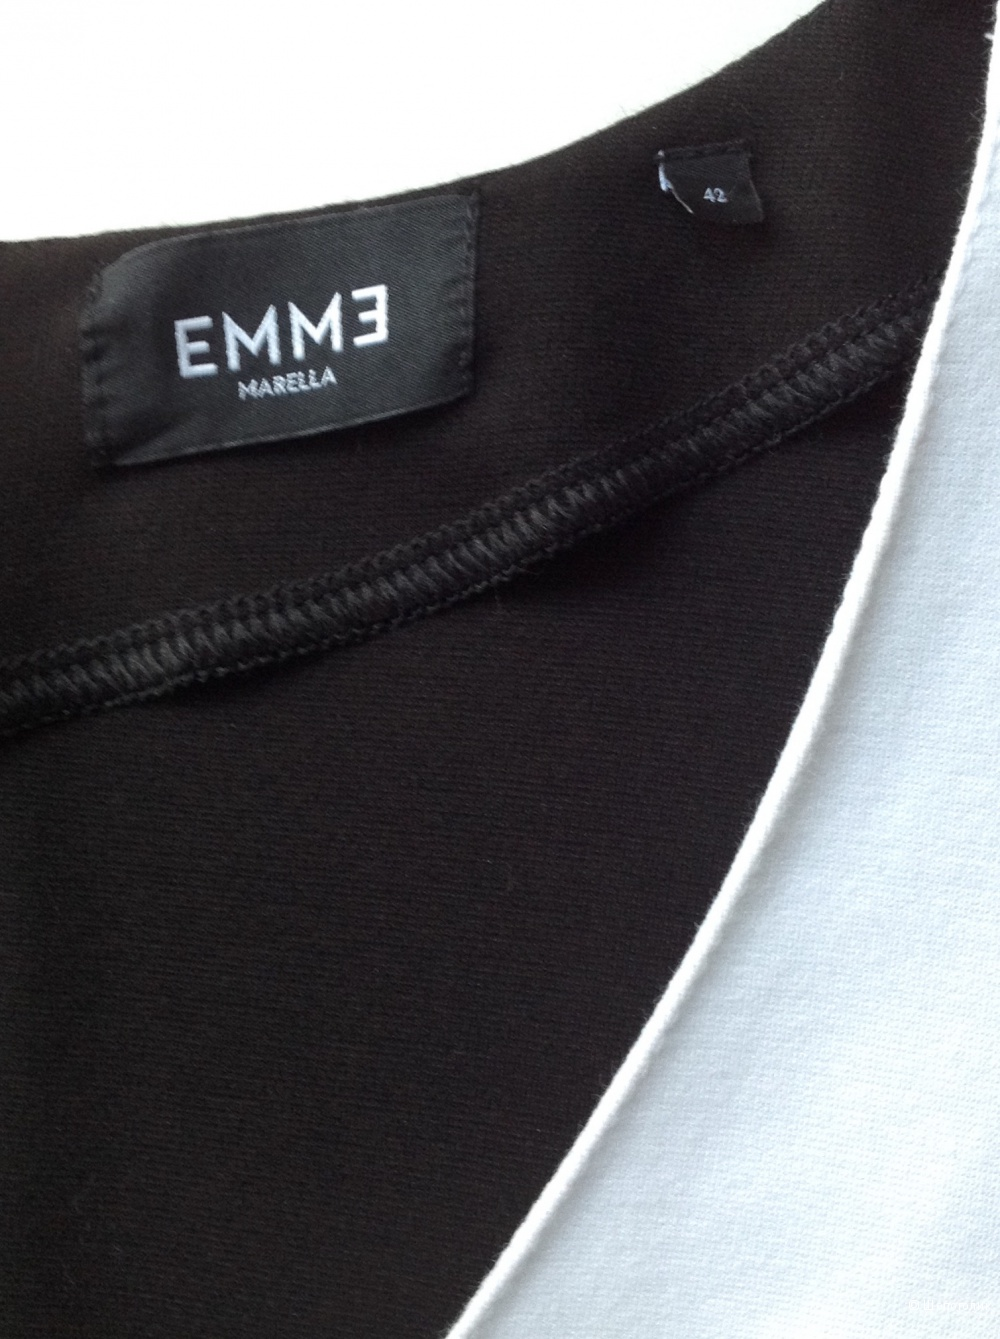 Платье колор-блок Emme by Marella, размер 44.